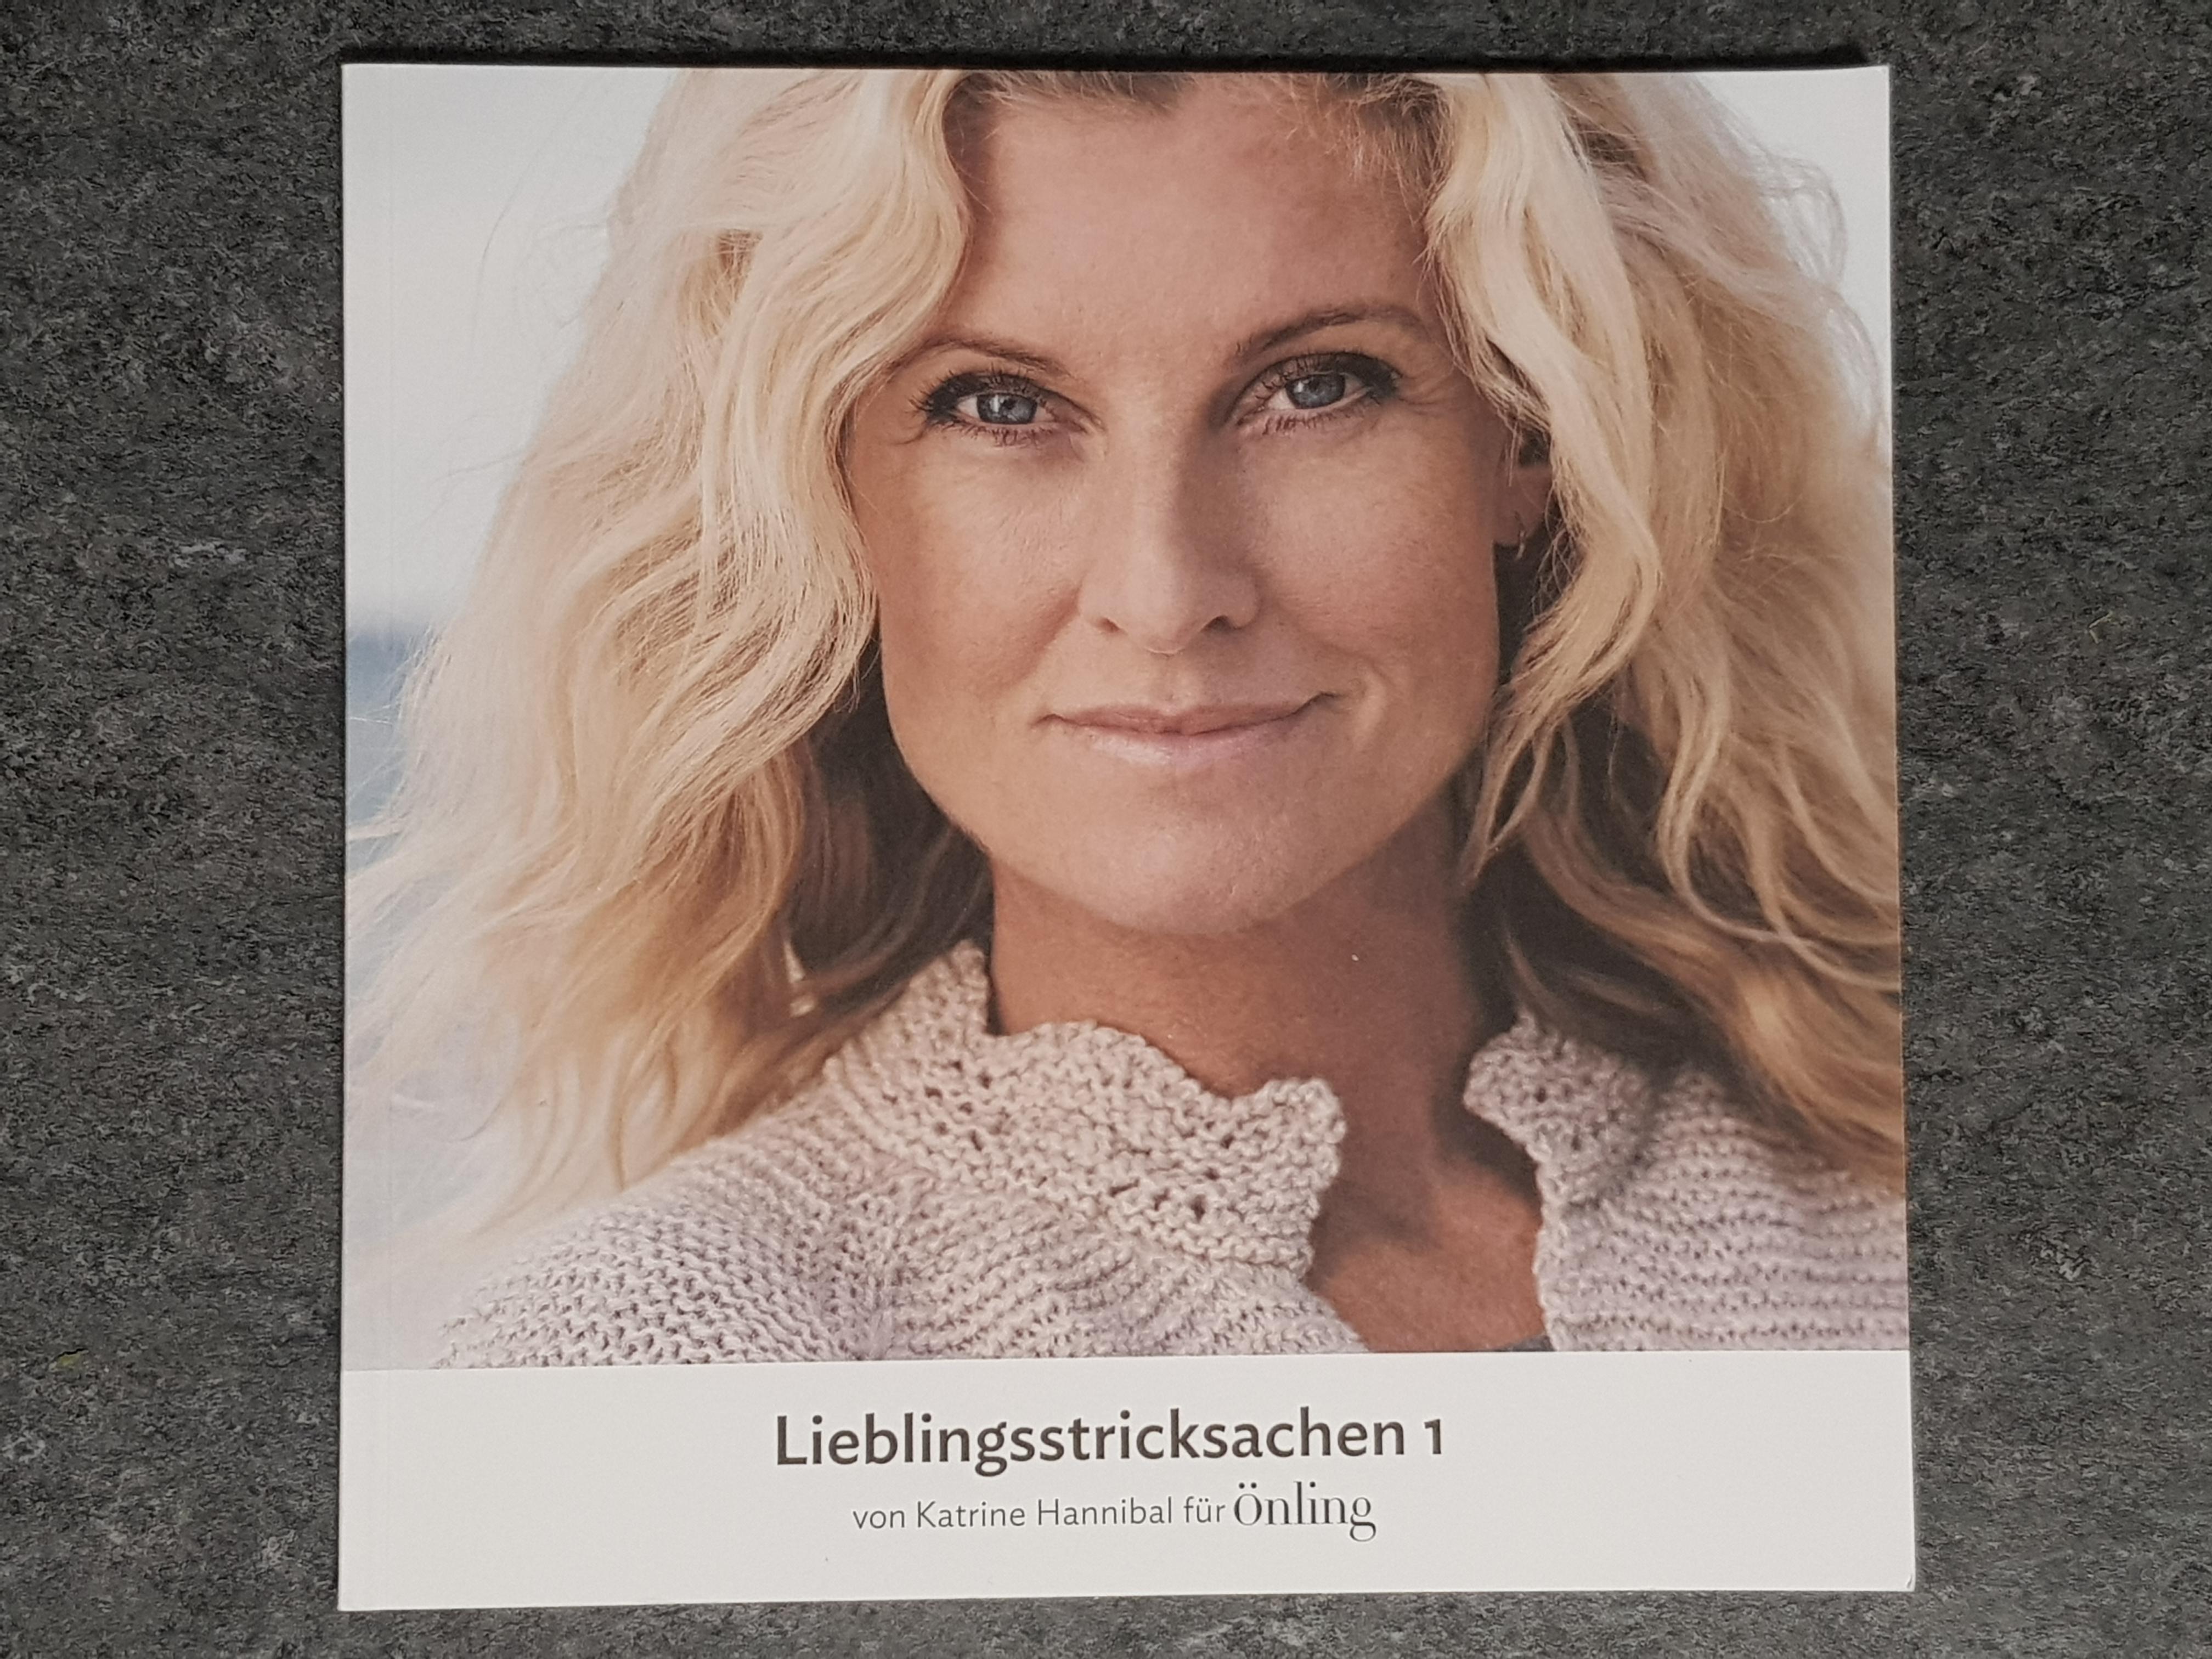 Lieblingsstricksachen 1 (Katrine Hannibal)